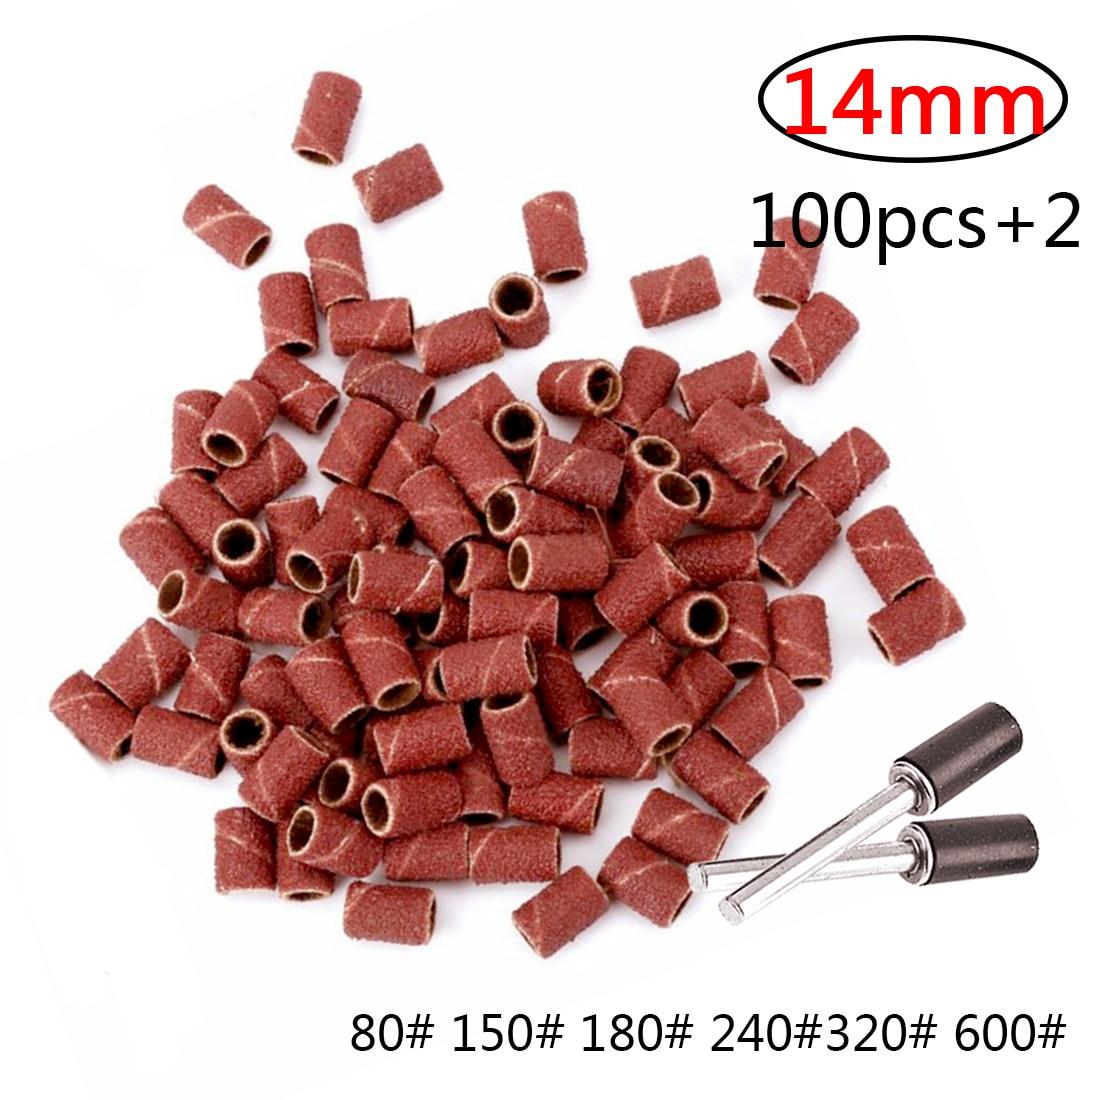 Kit de Tambour Ponceuse 100pcs Bande de Pon/çage et 1 Mandrin /à Tambour 1//8 Outils Rotatifs Grain 600